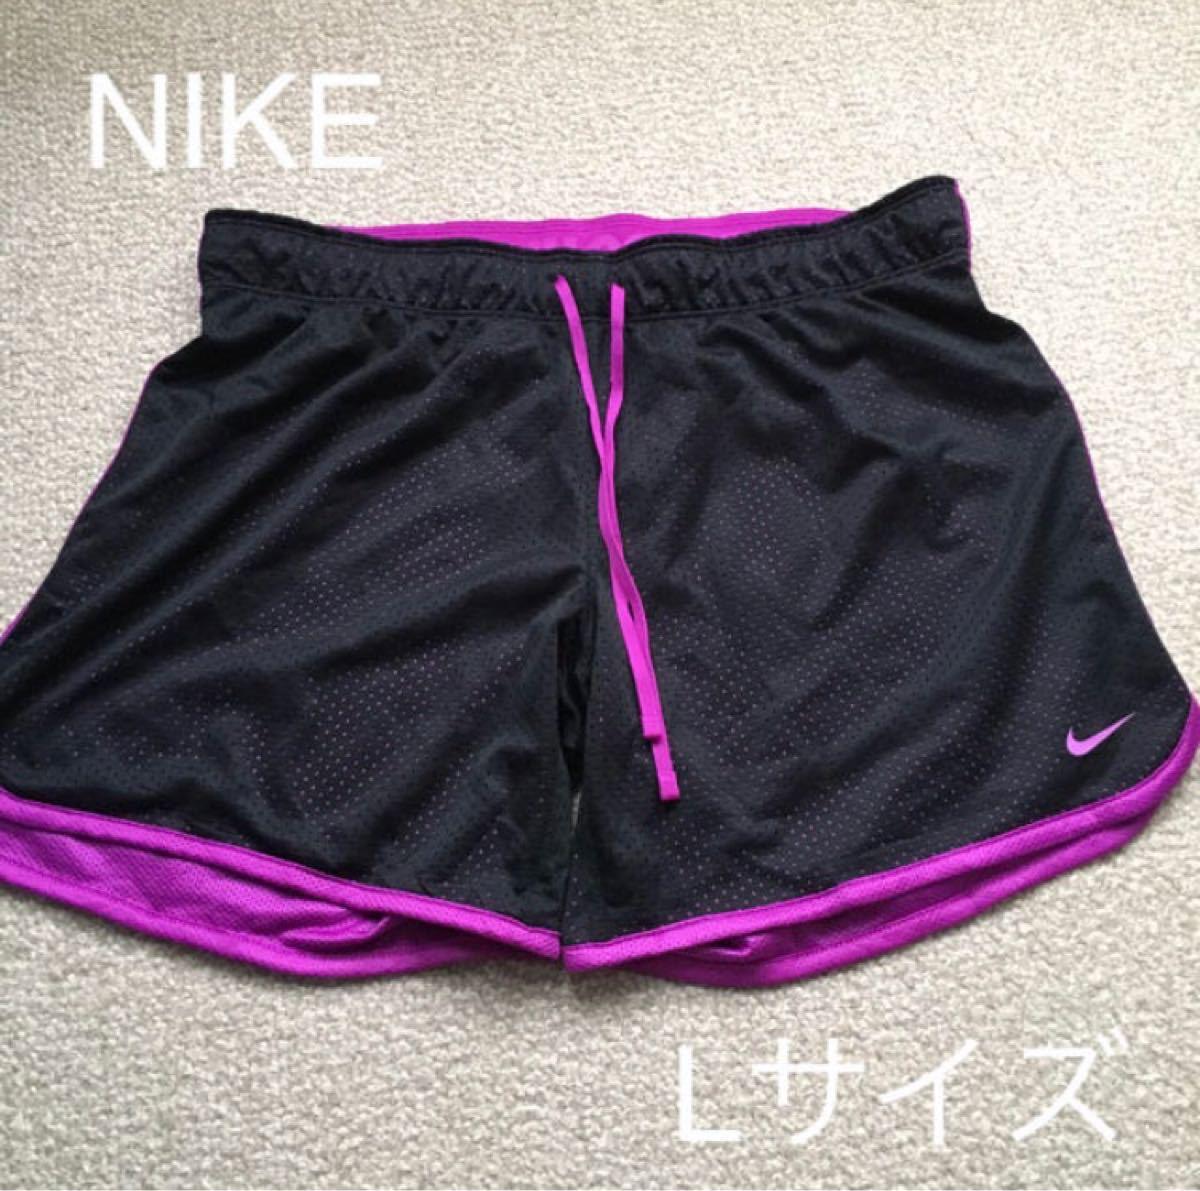 【美品】NIKE:ランニングパンツ ショートパンツL